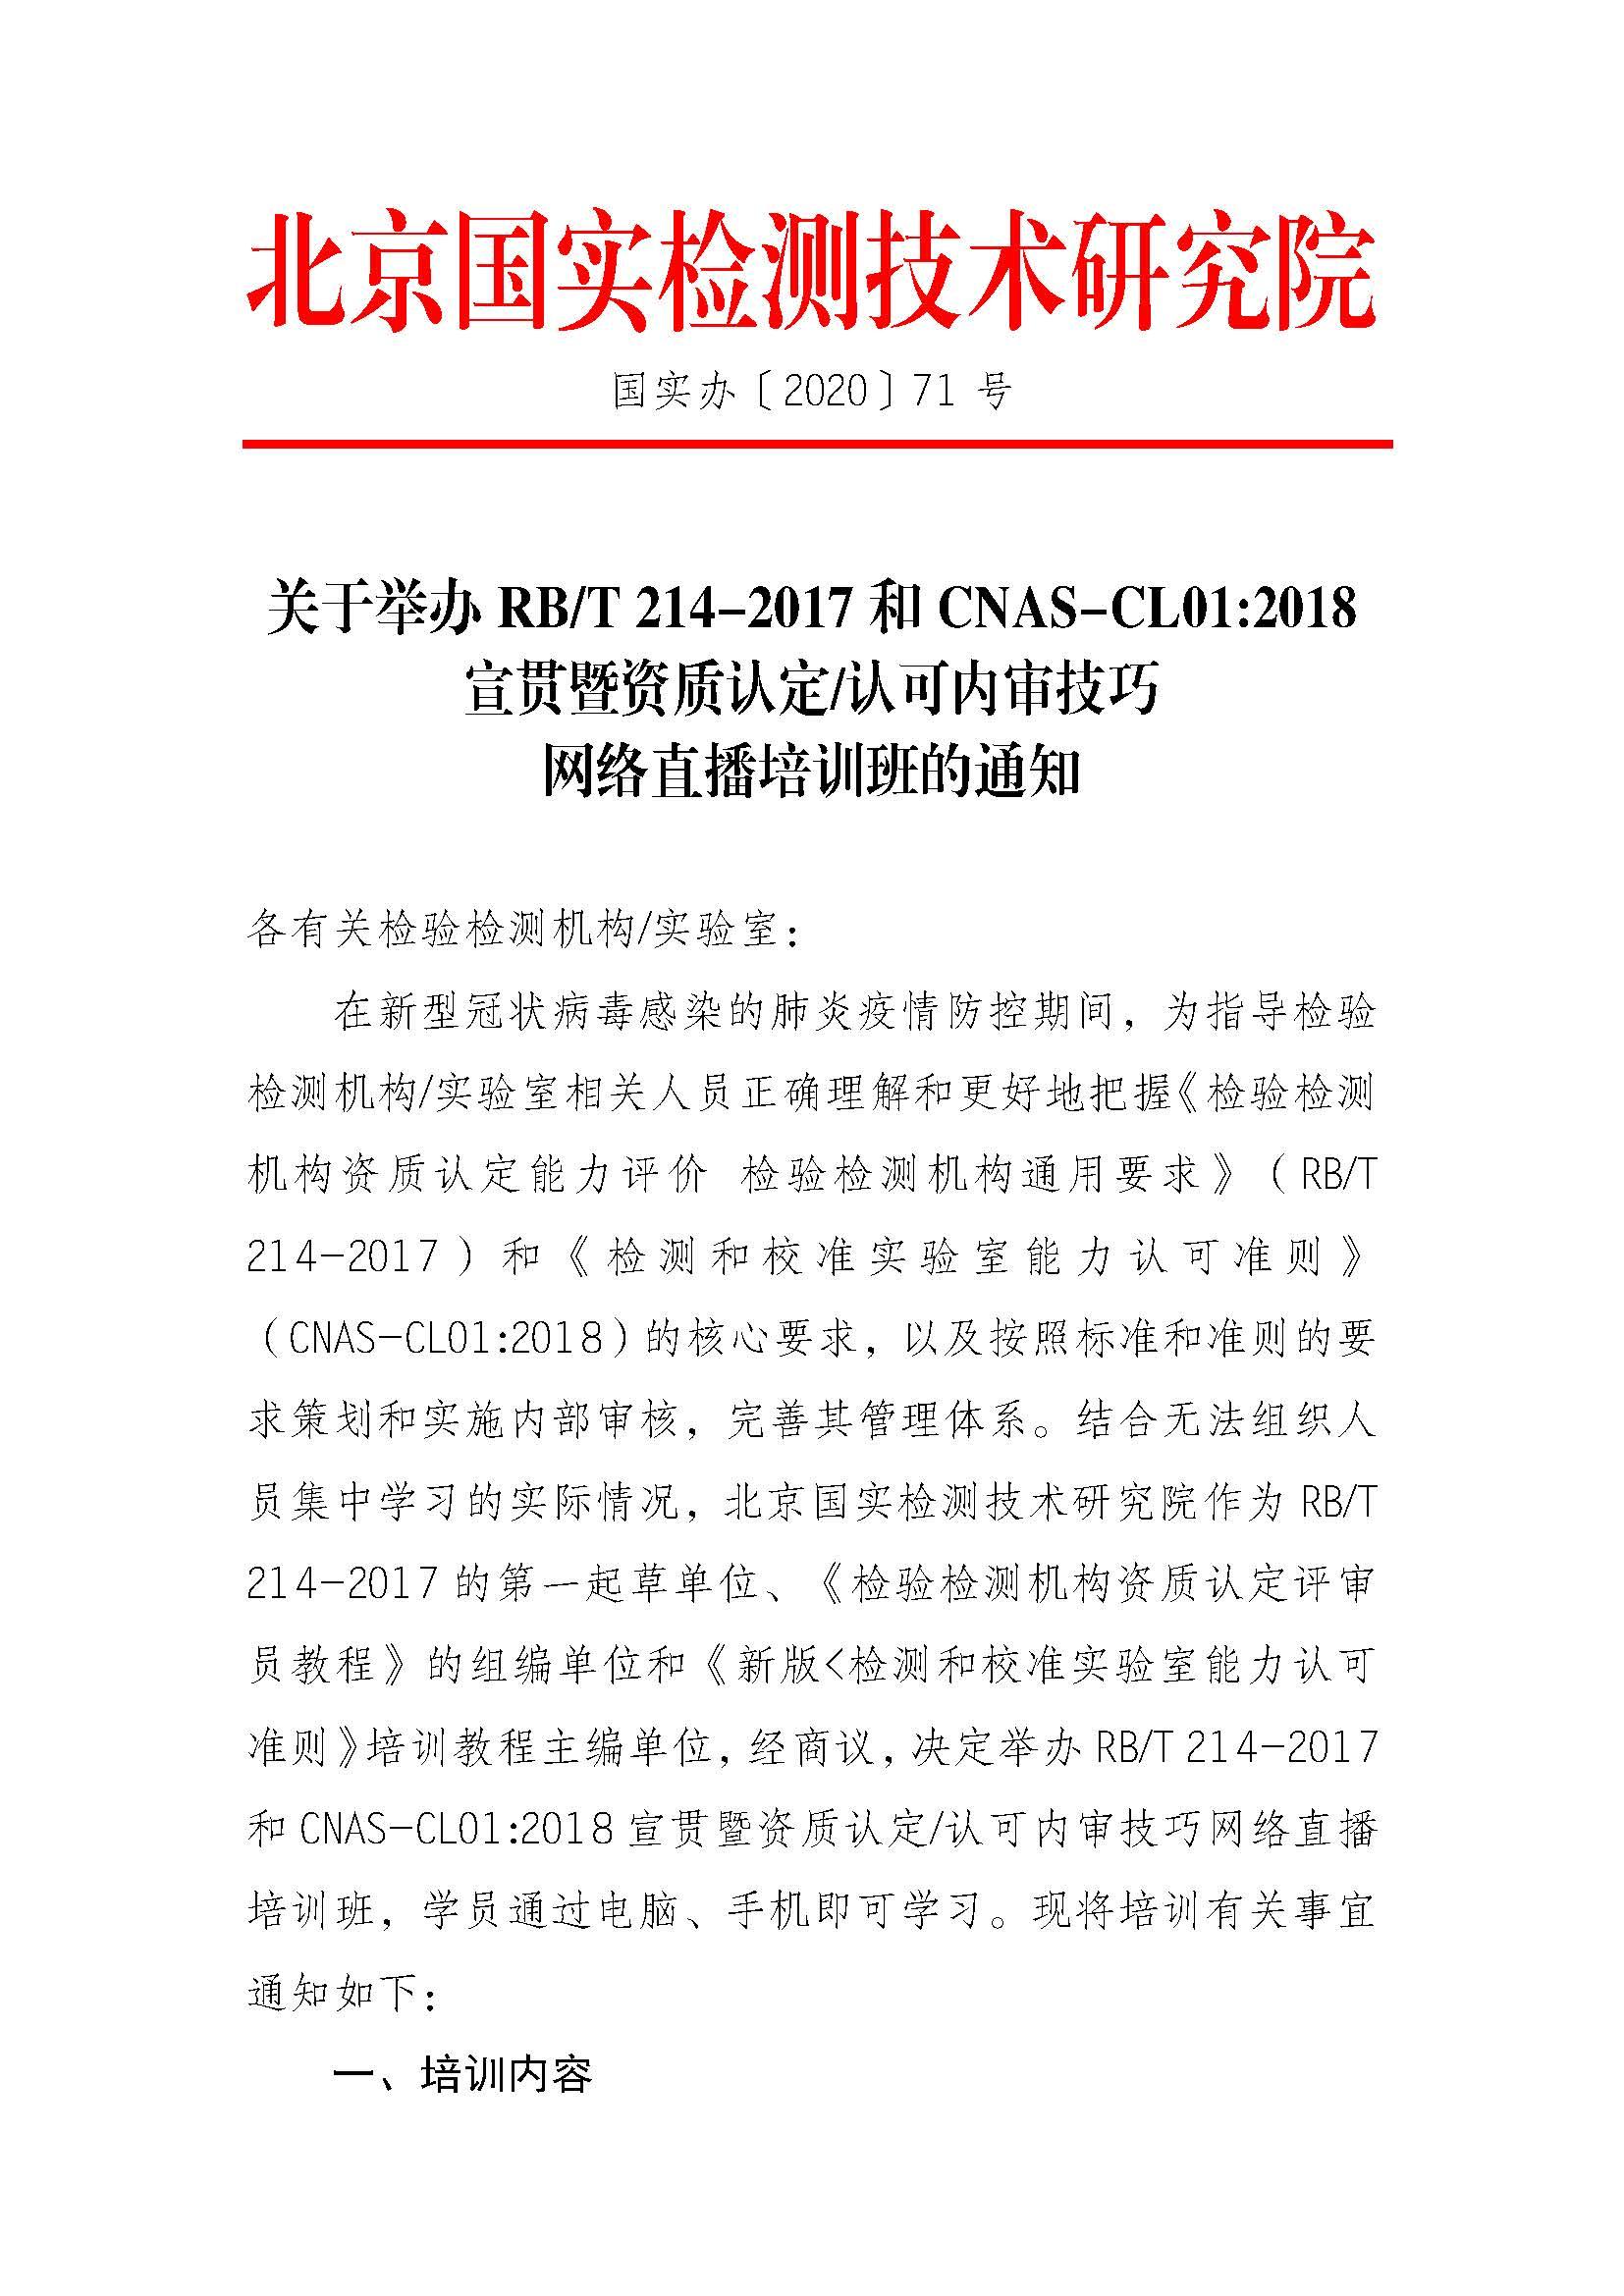 (6月17-19)资质认定认可内审员网络直播培训班通知_页面_1.jpg